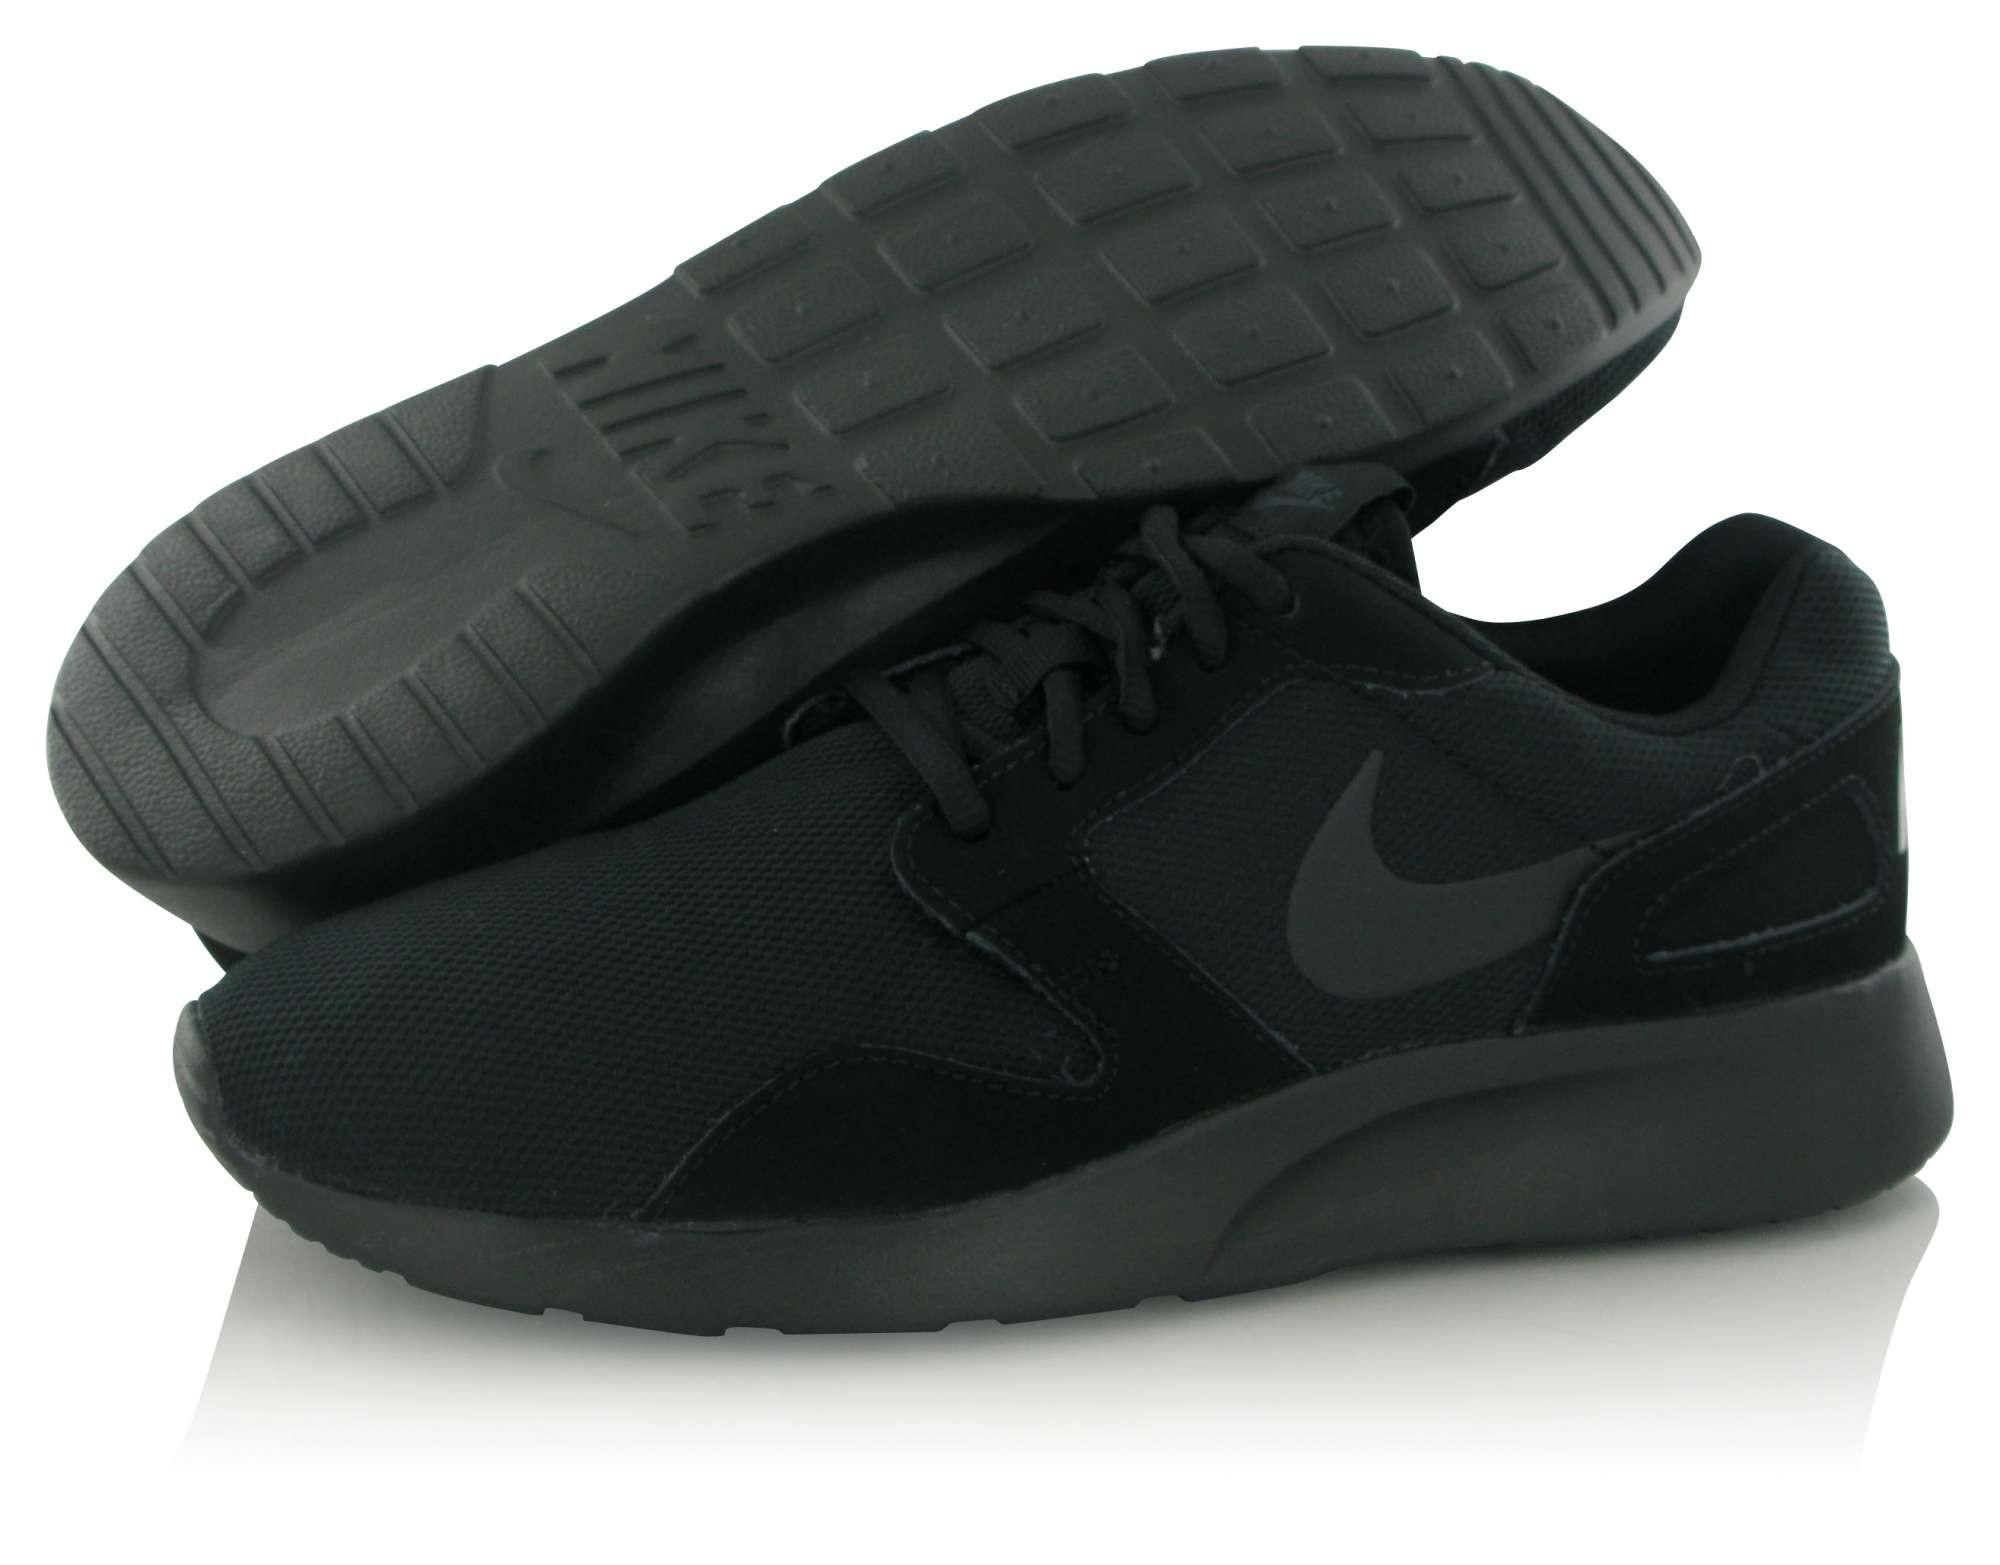 4c3c9a1bb67 Guide des meilleures chaussures de running pour homme